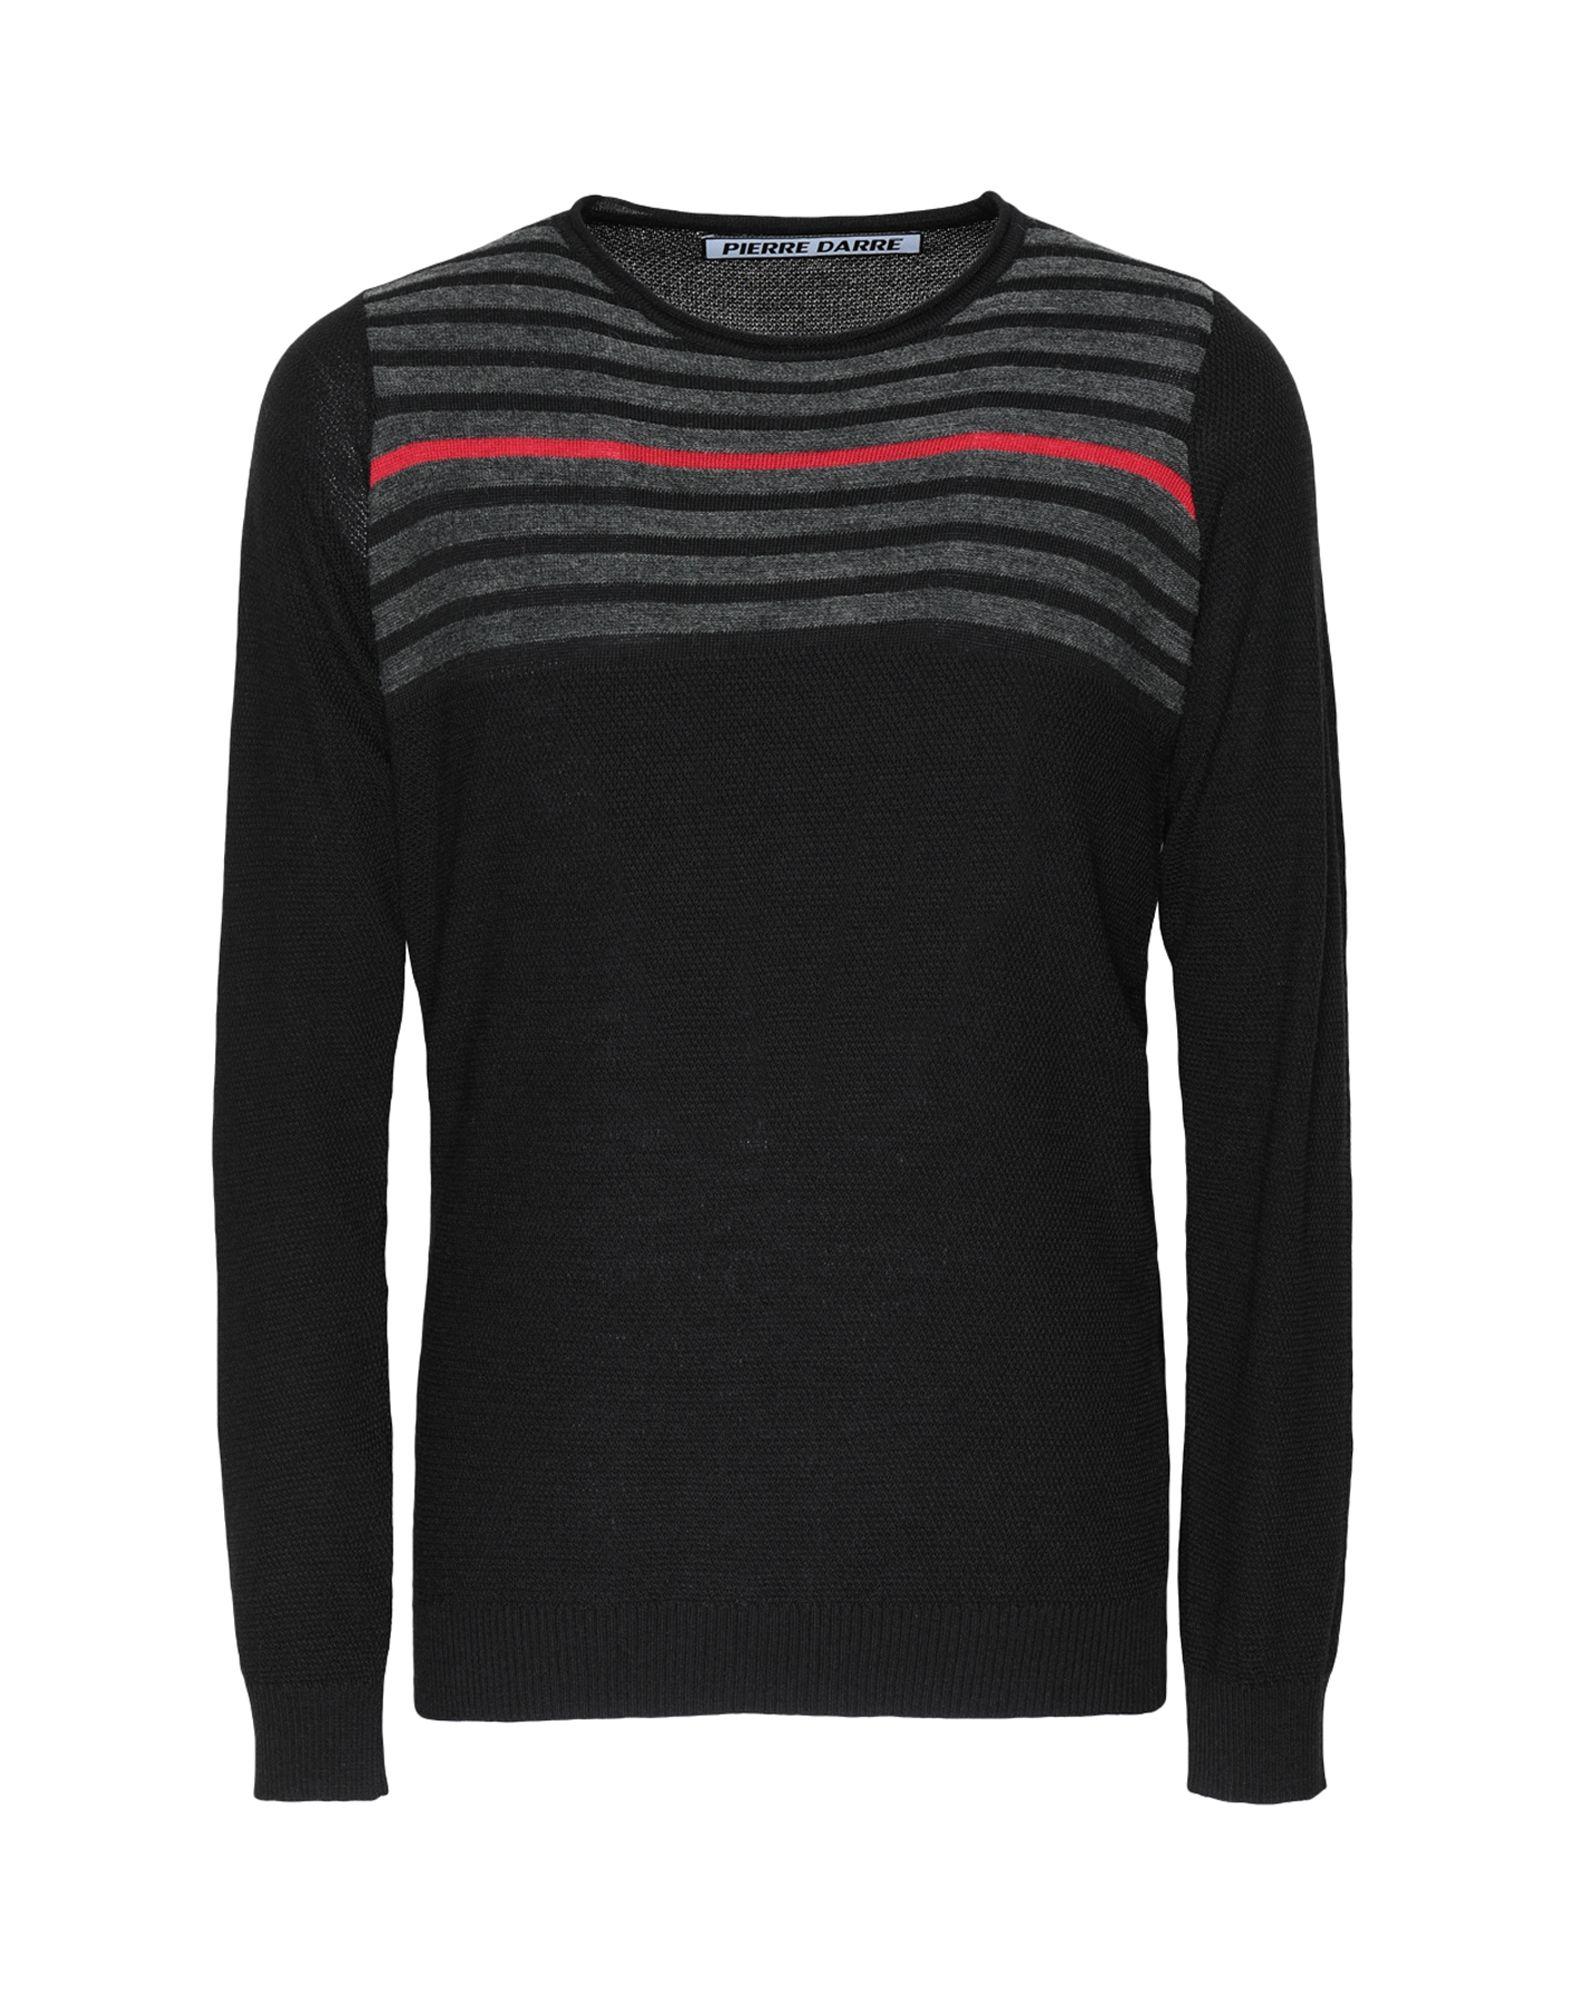 PIERRE DARRÉ Свитер мужской свитер в полоску 52